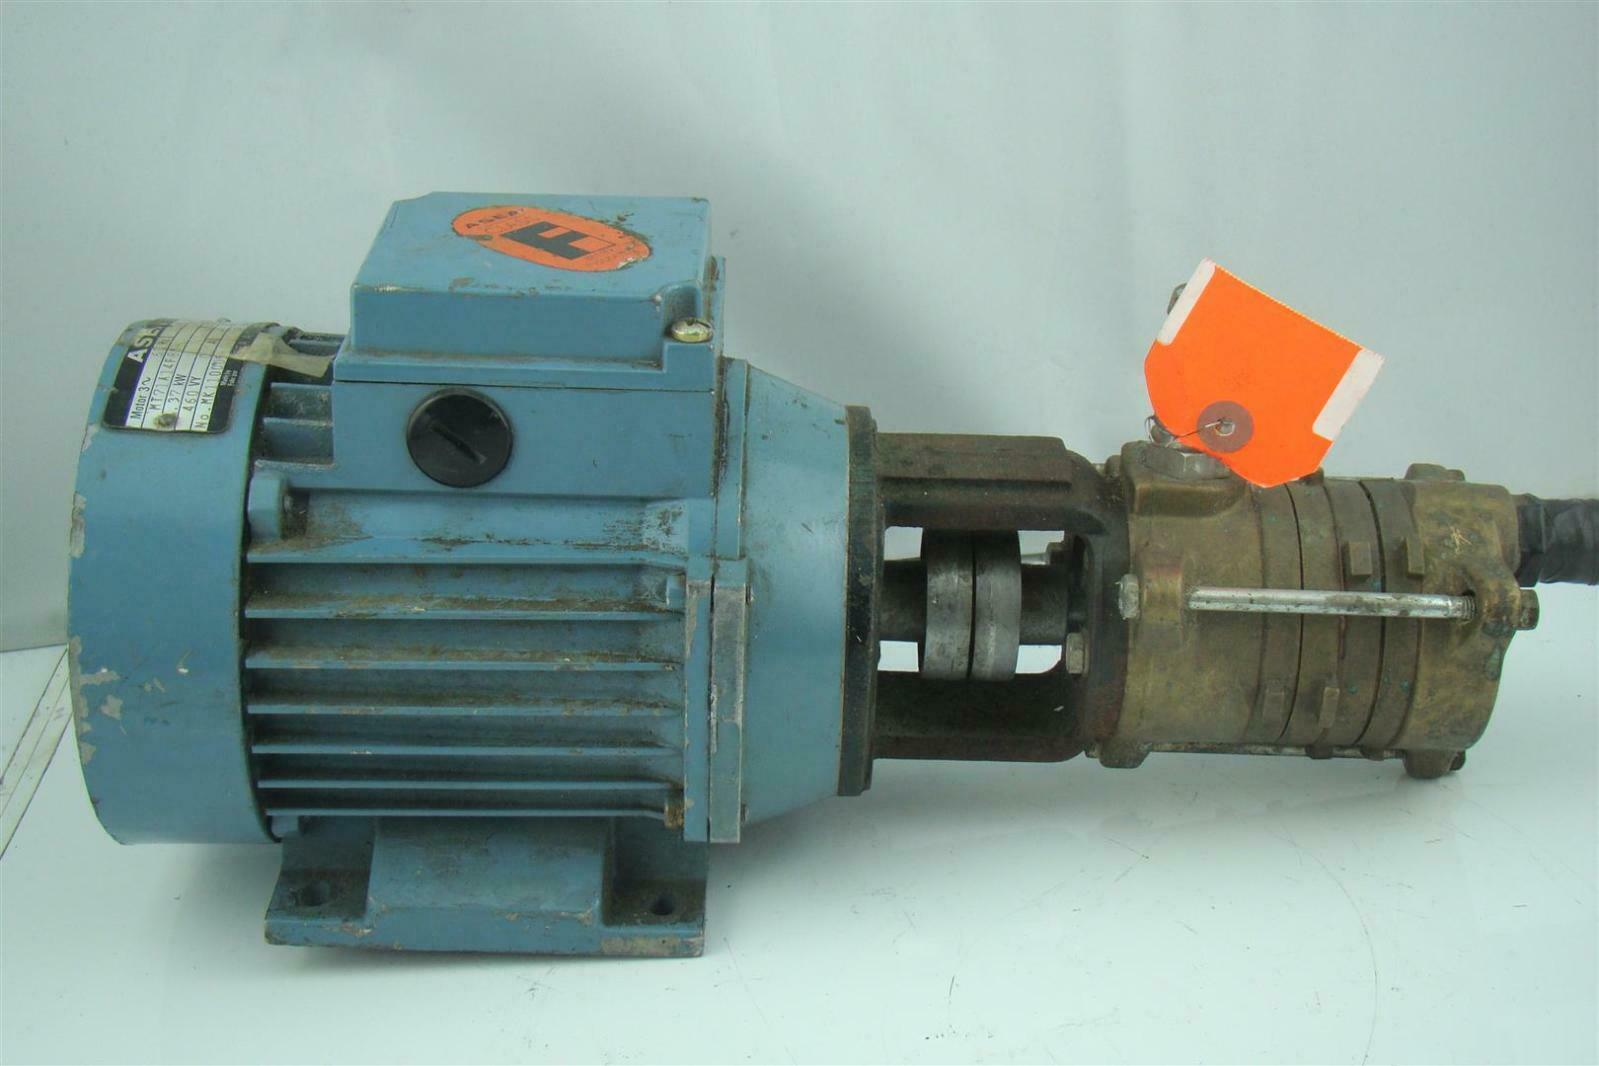 Asea hydraulic pump electric motor 3470rpm mt71a14f85 2 ebay for Electric motor hydraulic pump